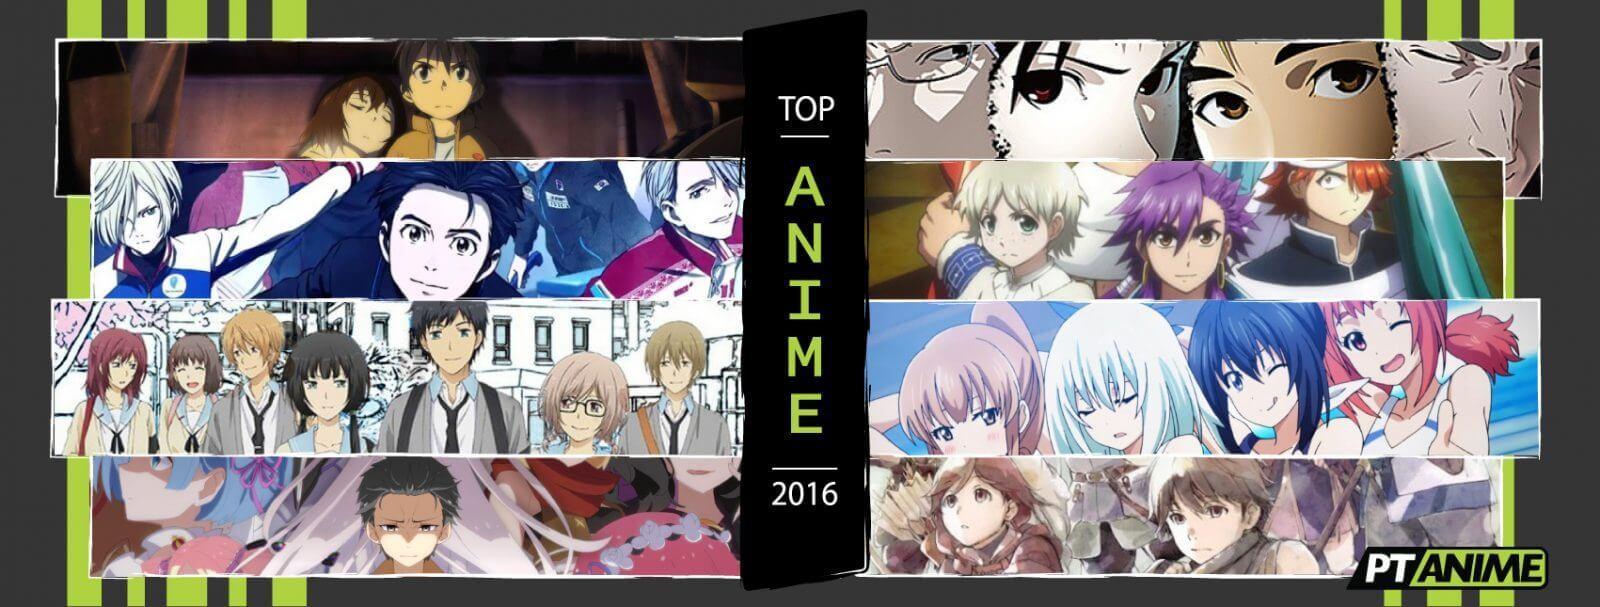 Top Anime 2016 - Recomendações ptAnime Imagem